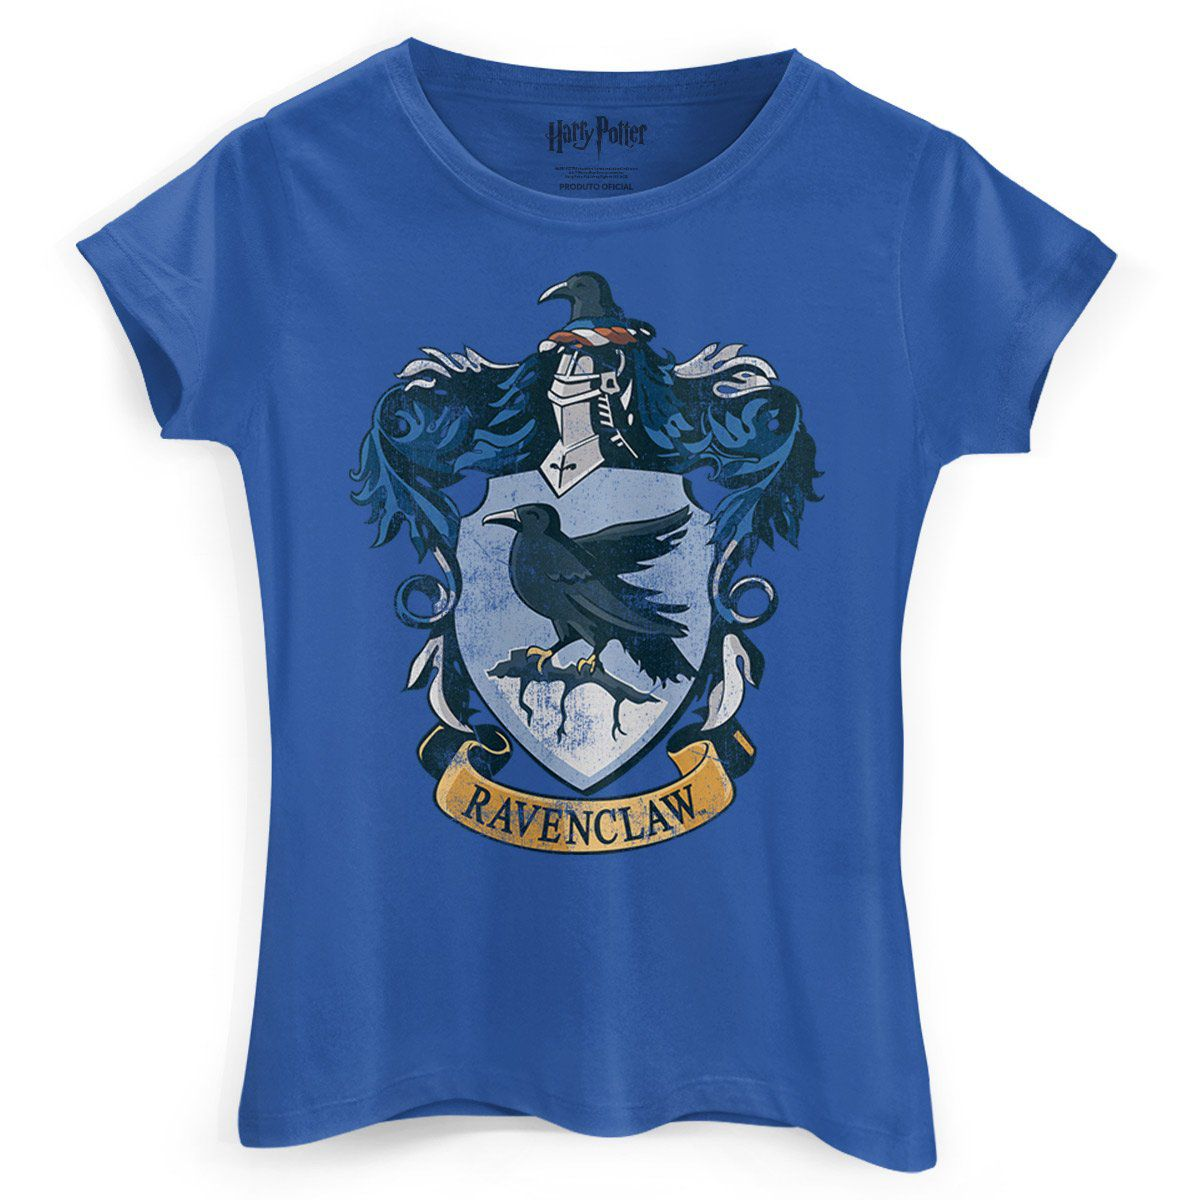 Camiseta Feminina Harry Potter Ravenclaw  - bandUP Store Marketplace